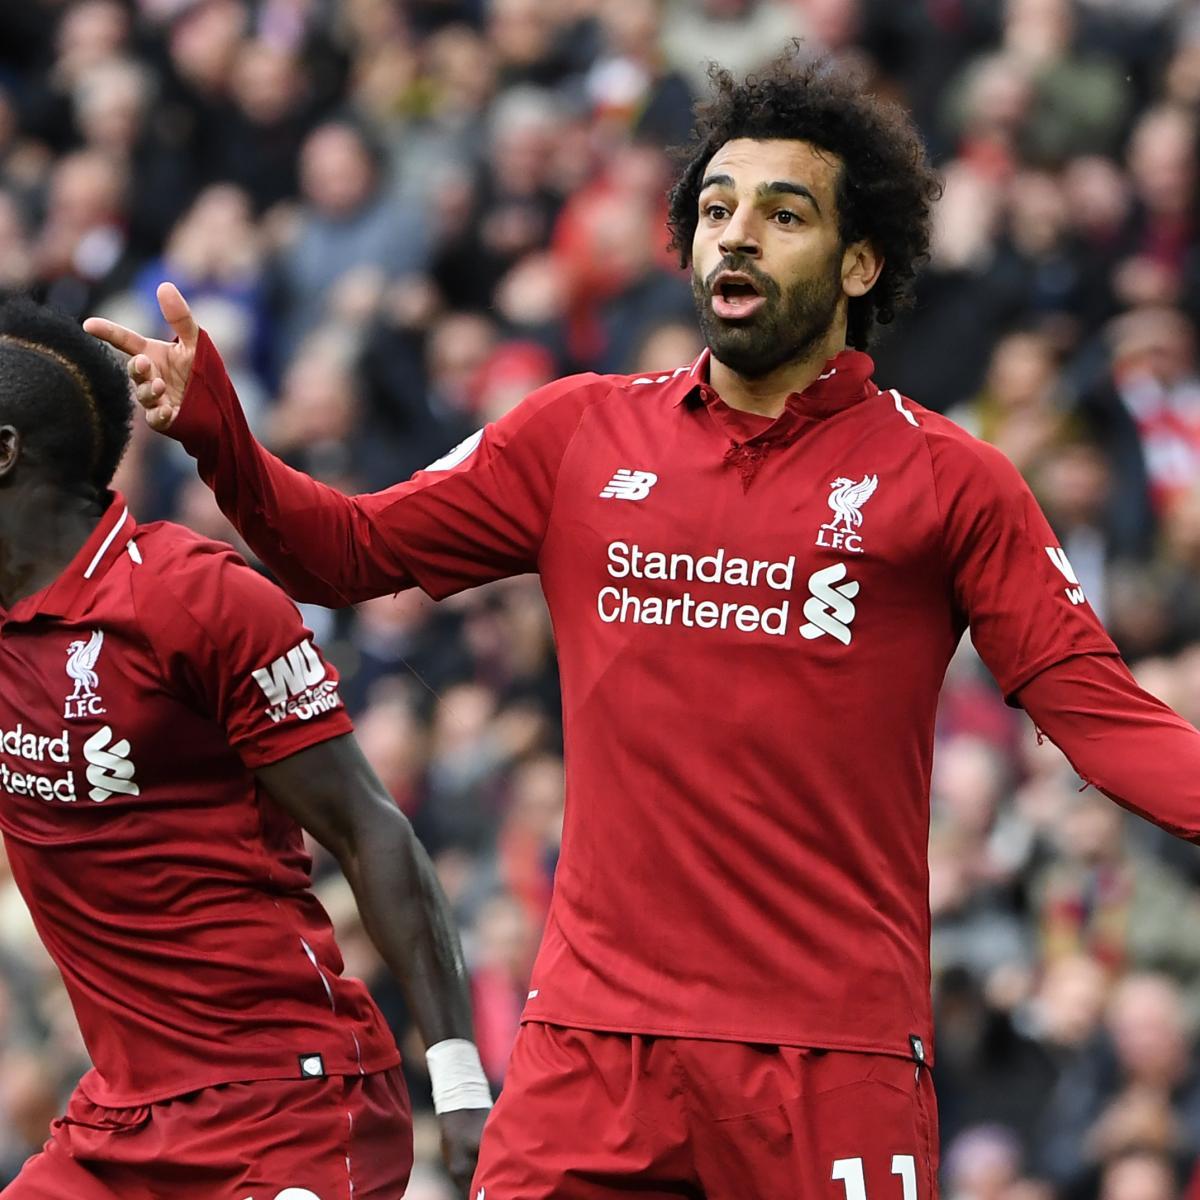 Champions League 2019 Round Of 16 Leg 2 Live Stream Tv: Premier League Week 31 Fixtures: EPL TV Schedule, Live